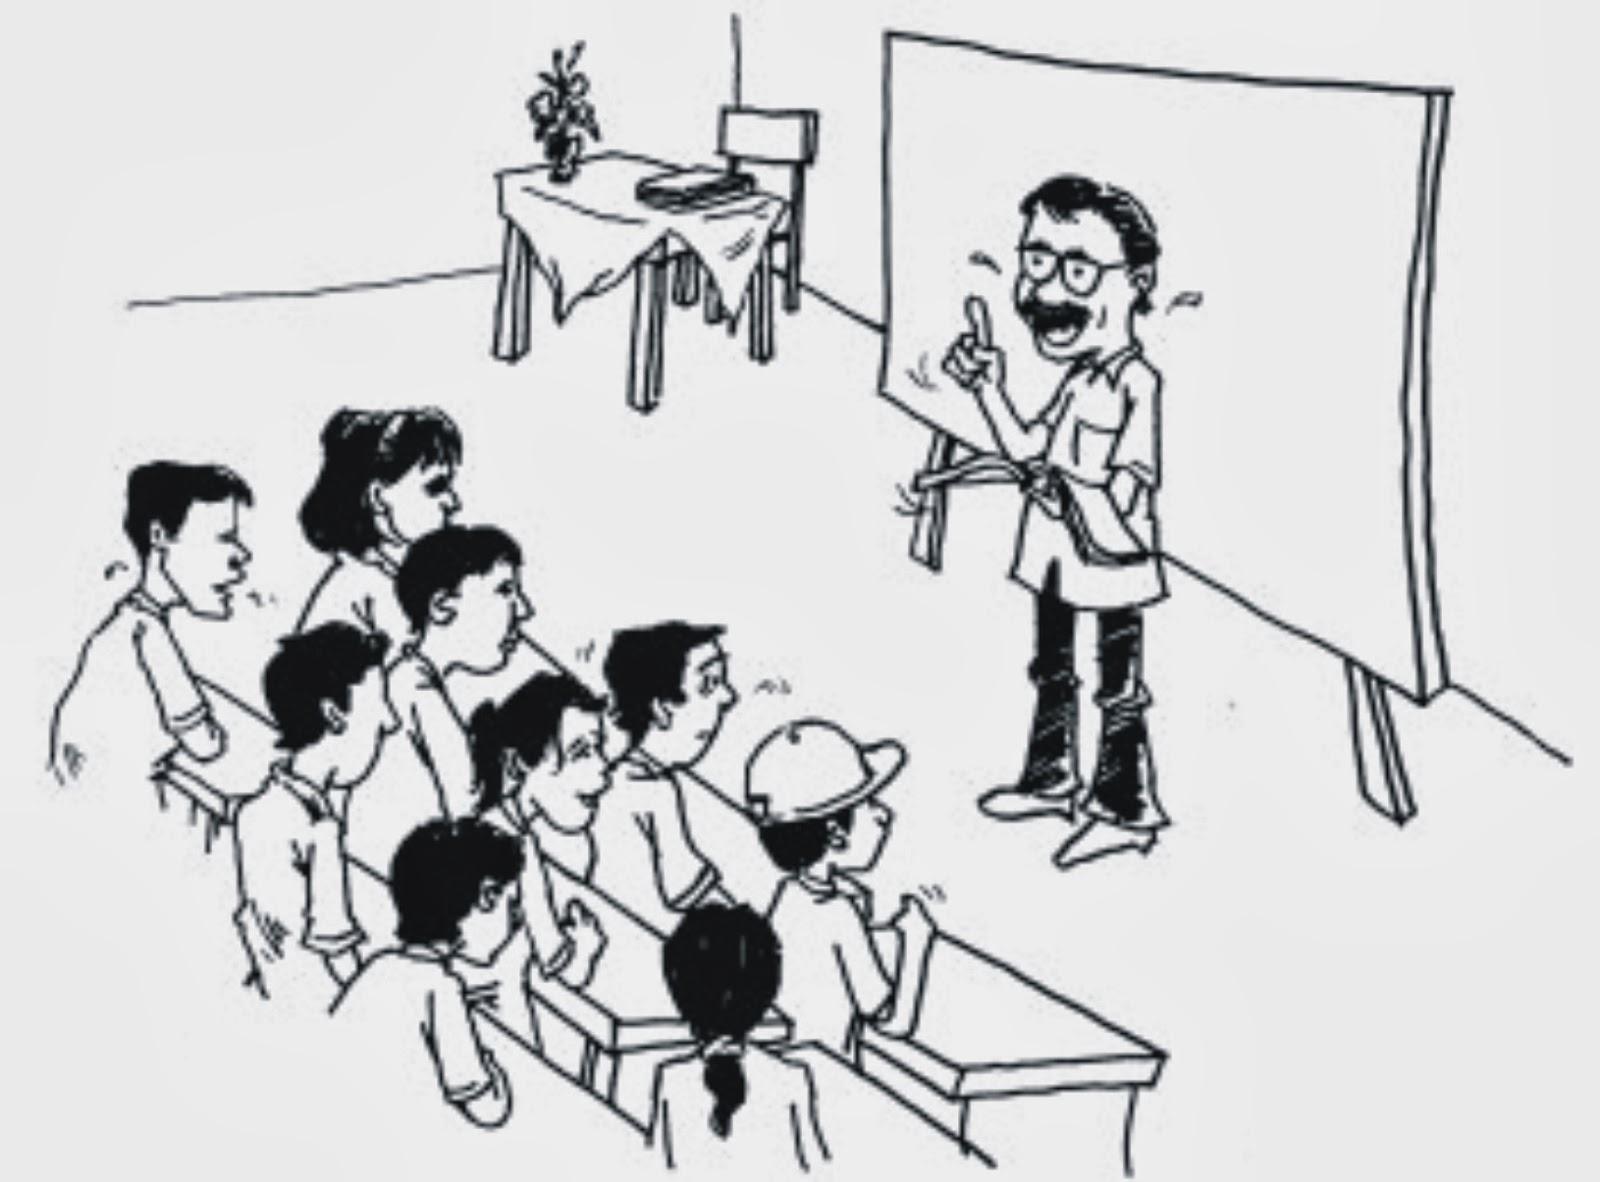 Contoh Gambar Gambar Tentang Pendidikan Sarjanaku Berikut Ini Adalah Contoh Pembagian Jam Mengajar Untuk Sd